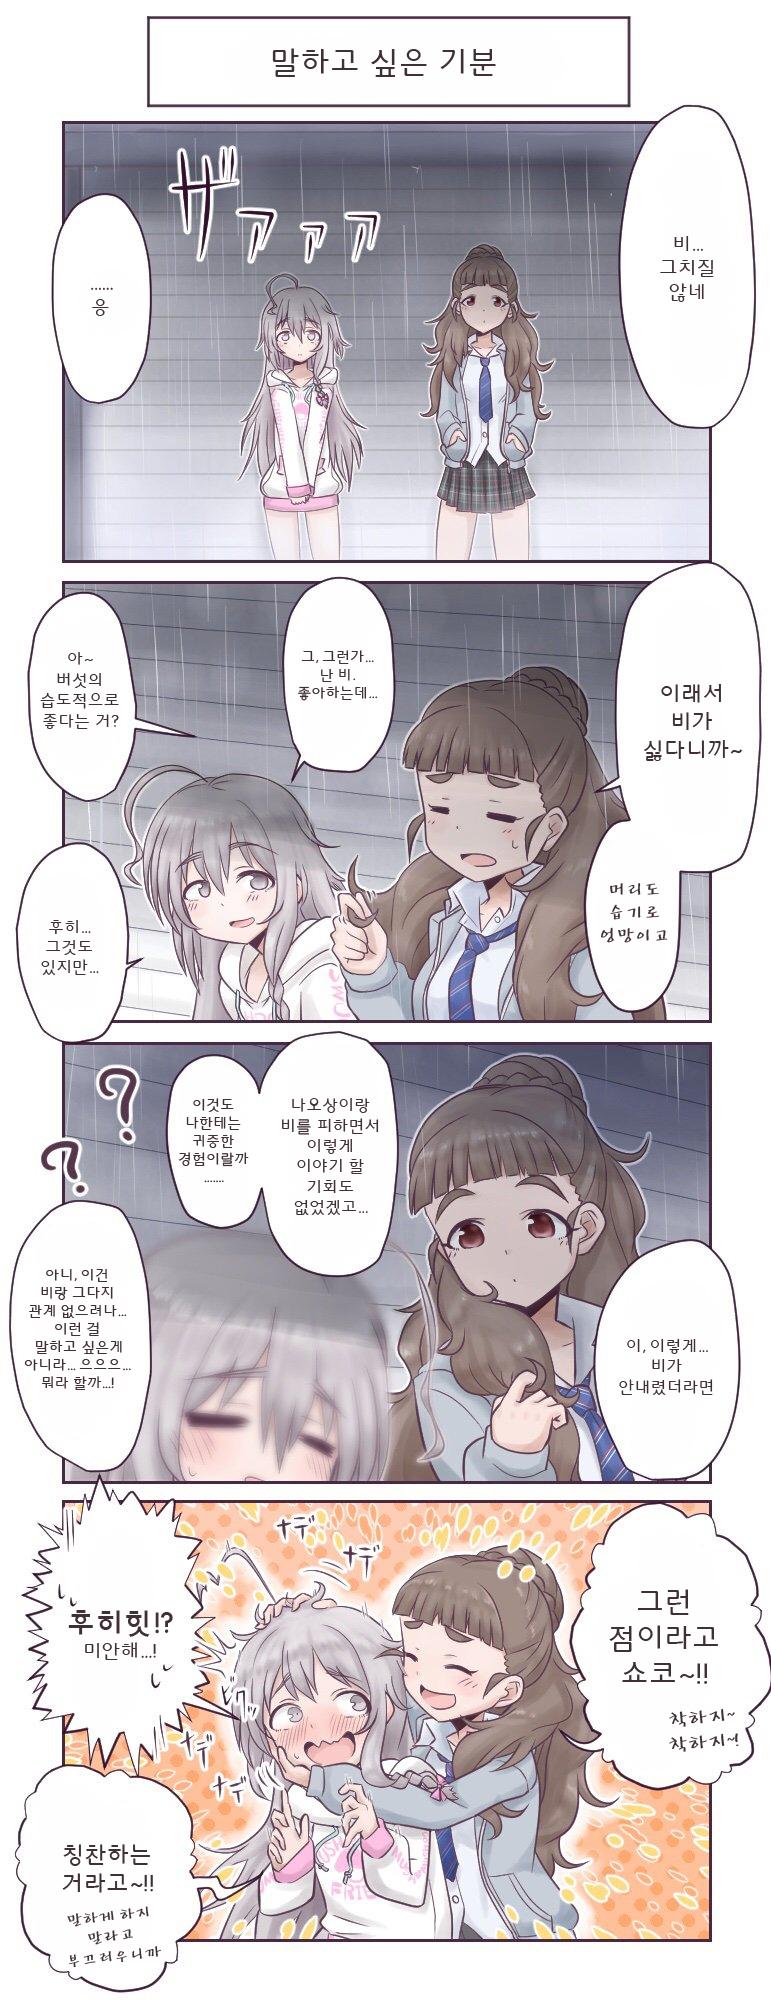 [신데]나오와 쇼코, 네코미미 유키, 새와 아이코..